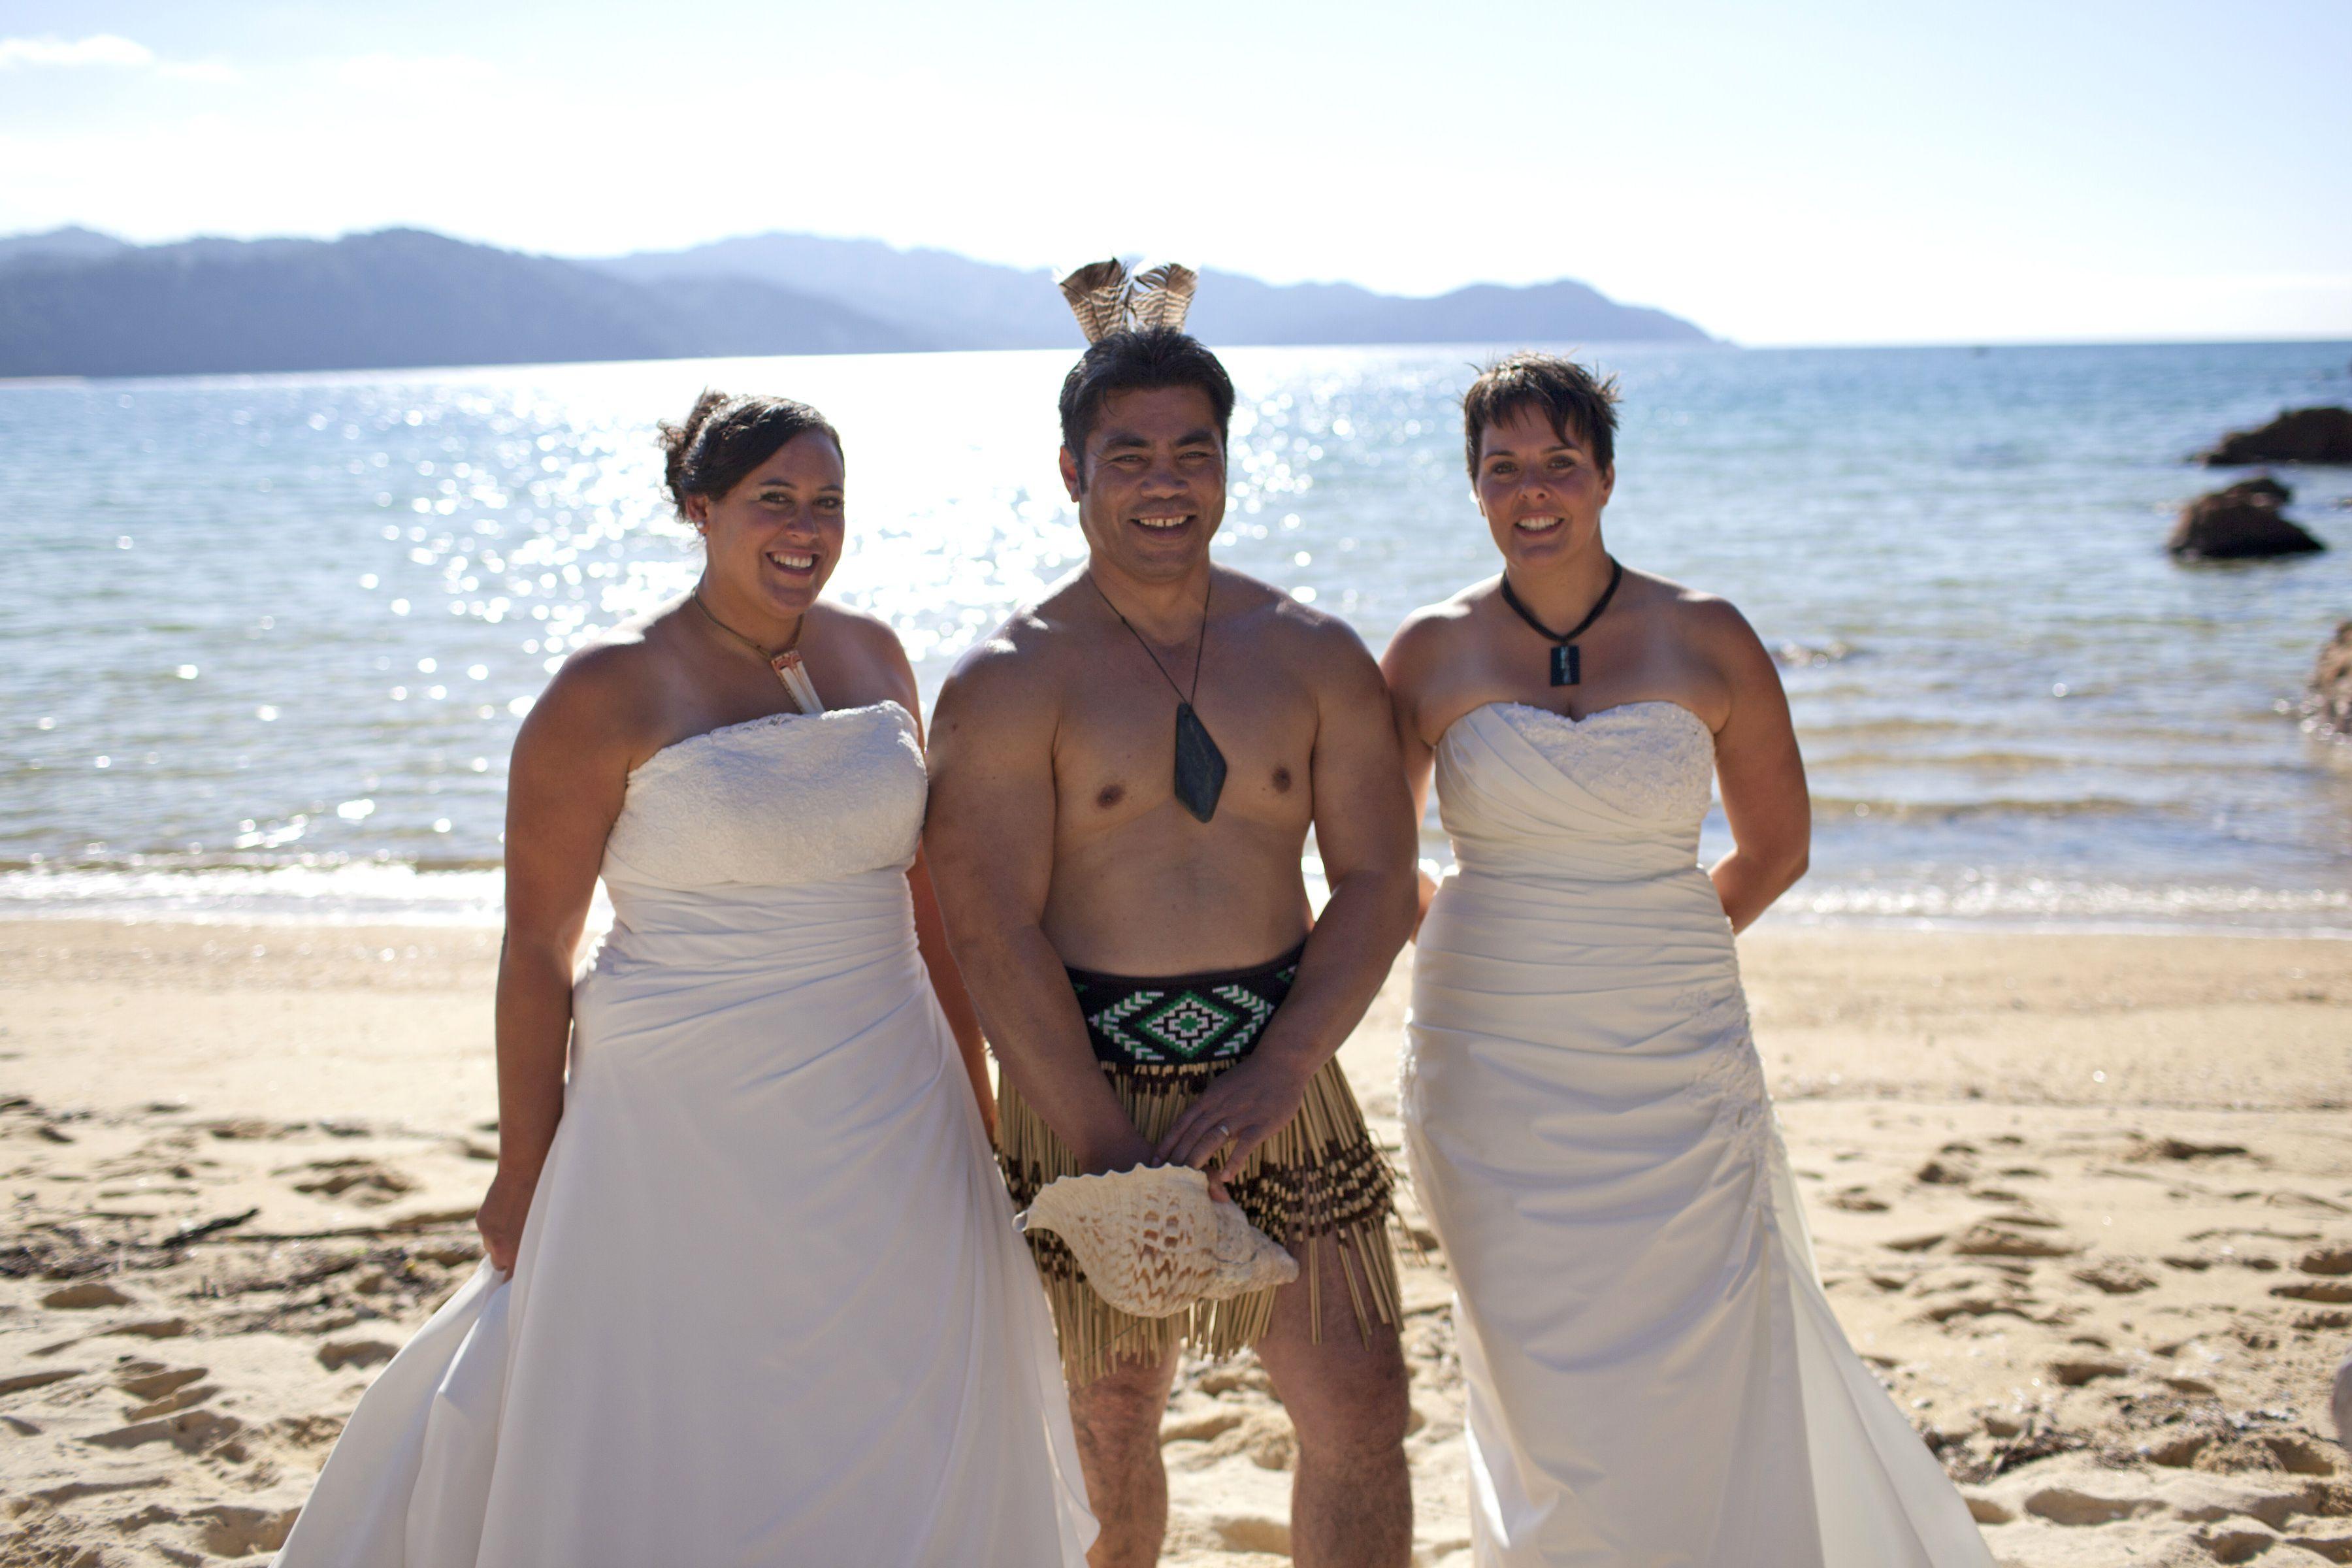 New Zealand Girl Porn Minimalist new zealand wife sex - porn clips